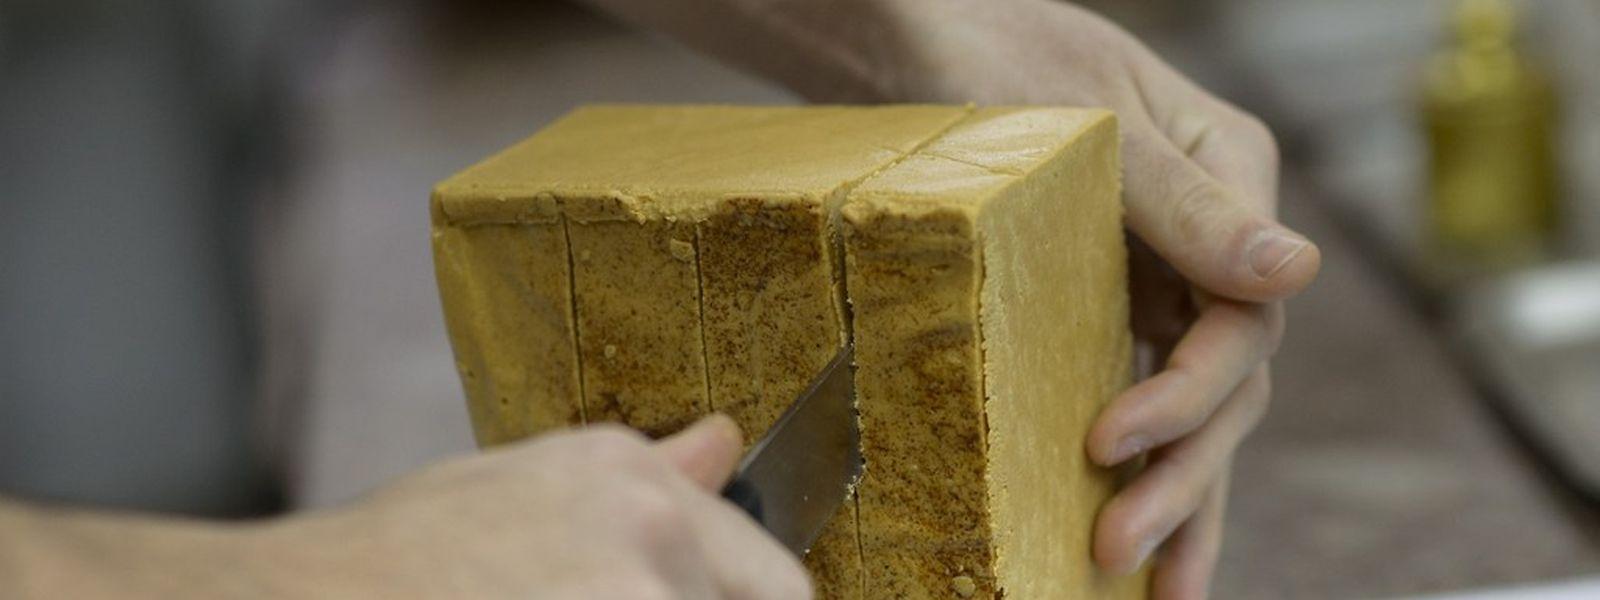 Eine spanische Spezialität: Turrón wird aus Mandeln, Honig, Zucker und Ei hergestellt.